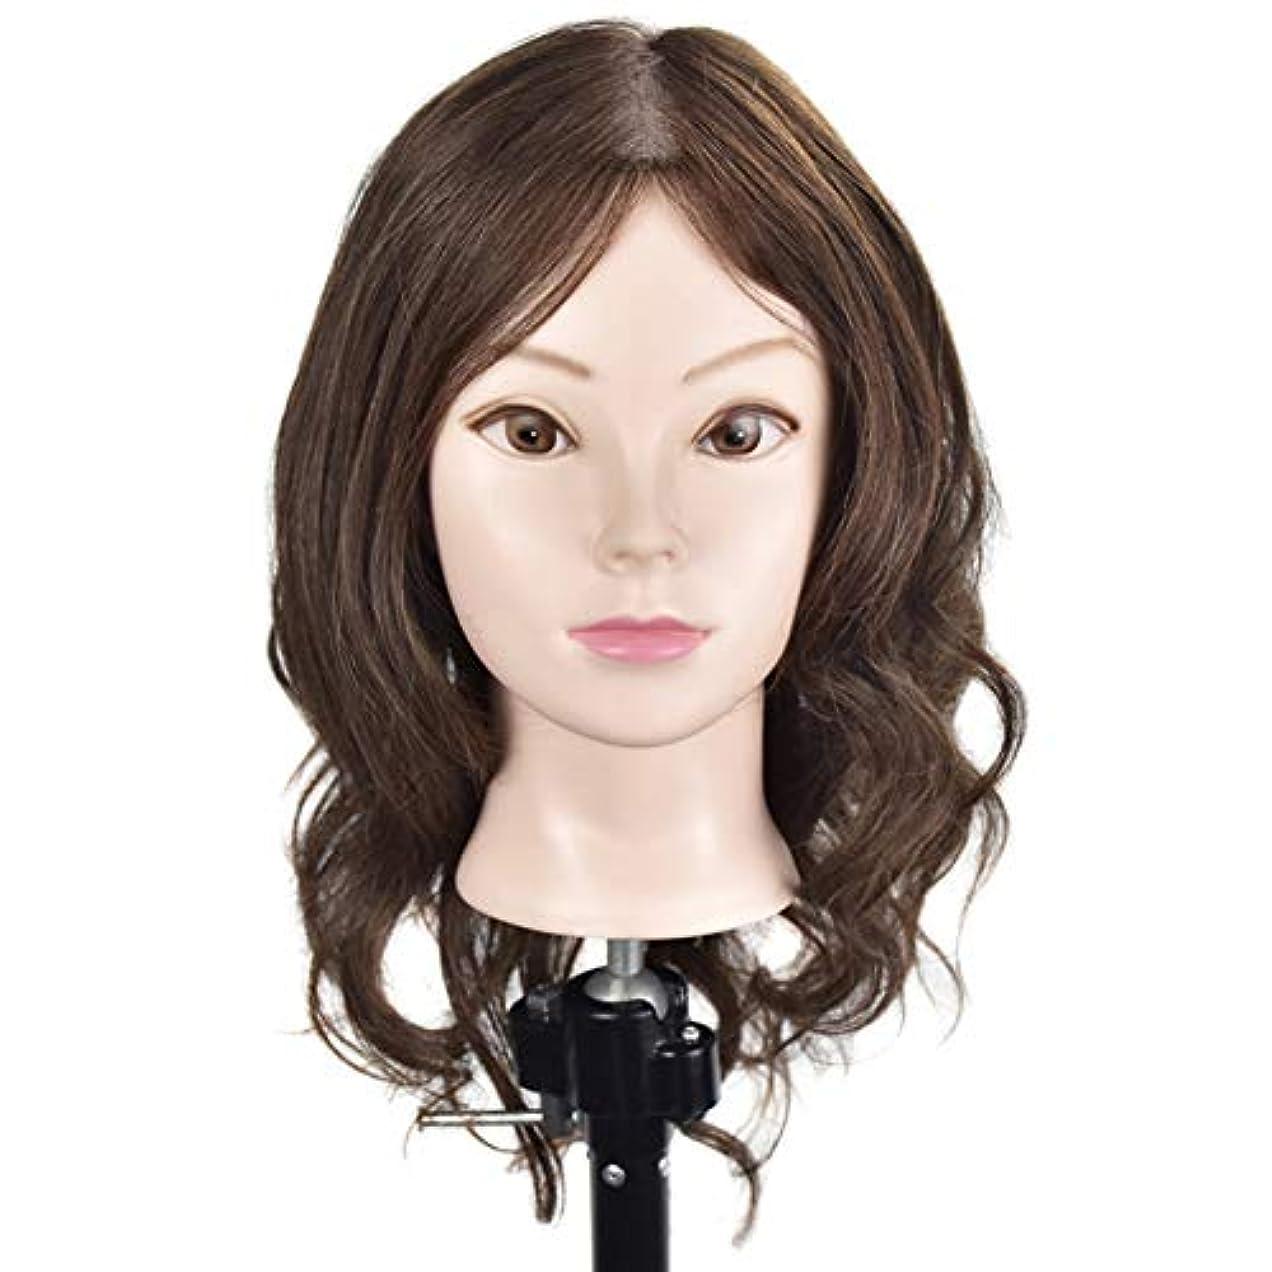 優越同級生素晴らしい専門の練習ホット染色漂白はさみモデリングマネキン髪編組髪かつら女性モデルティーチングヘッド